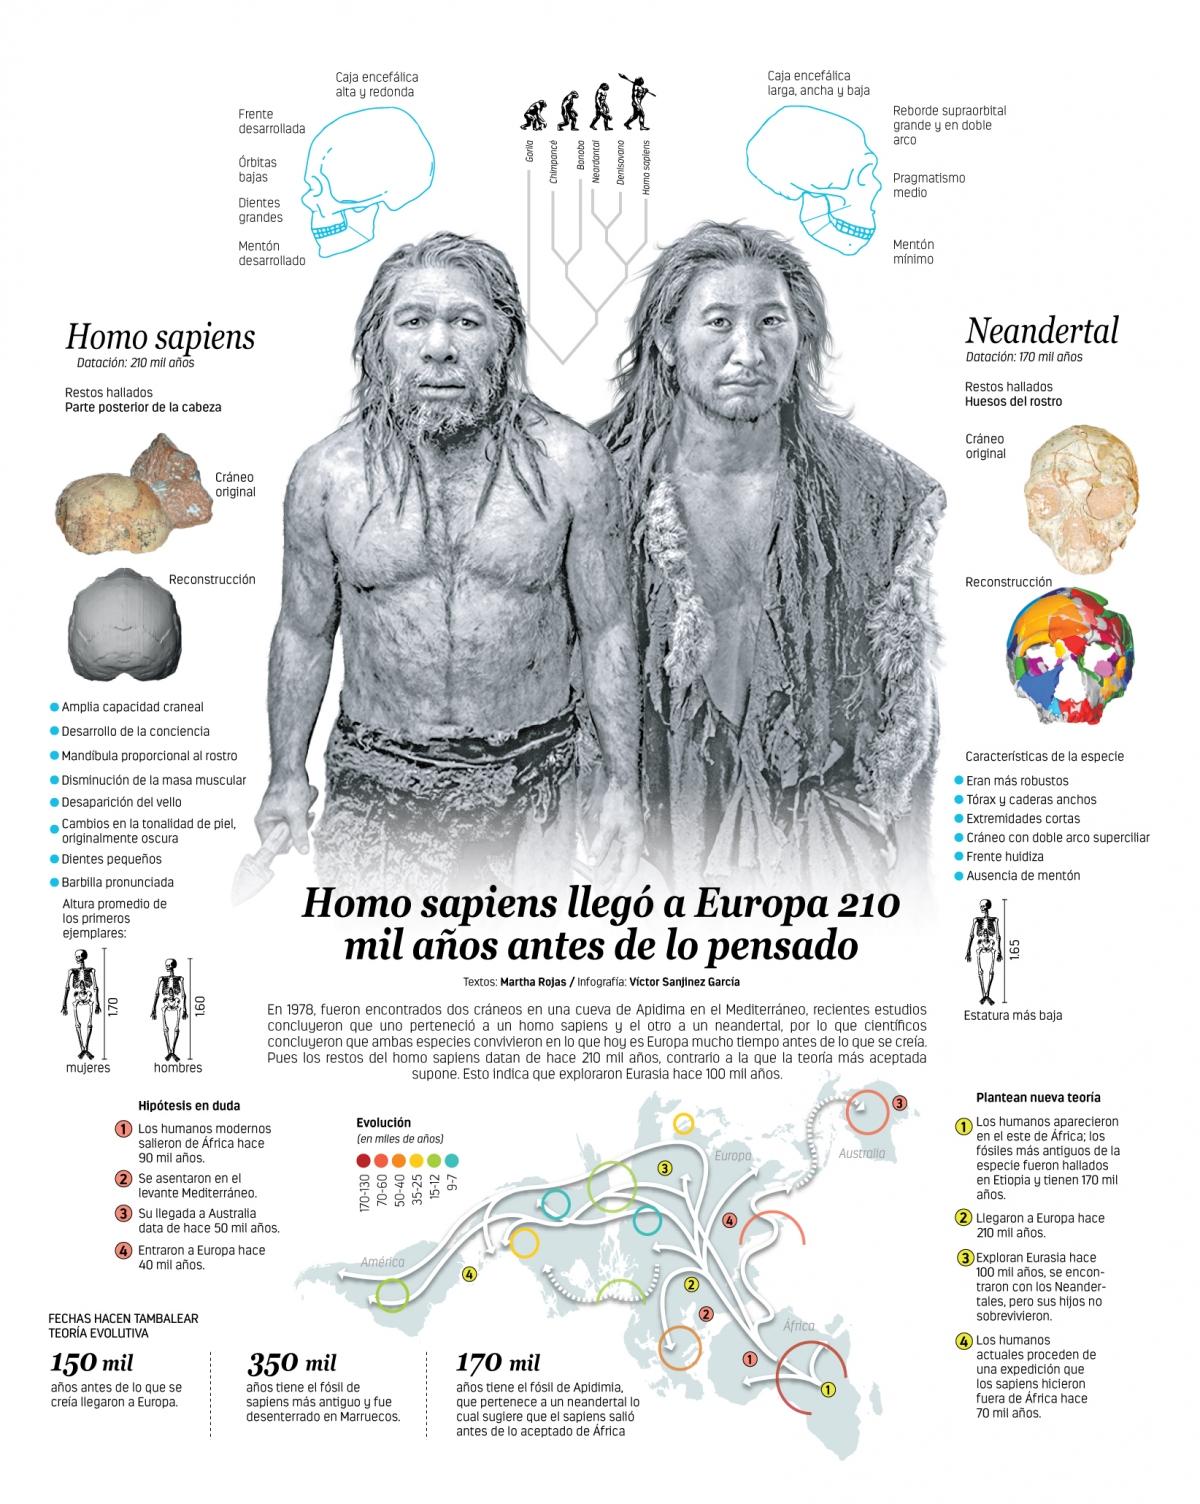 Homo sapiens llegó a Europa 210 mil años antes de lo pensado